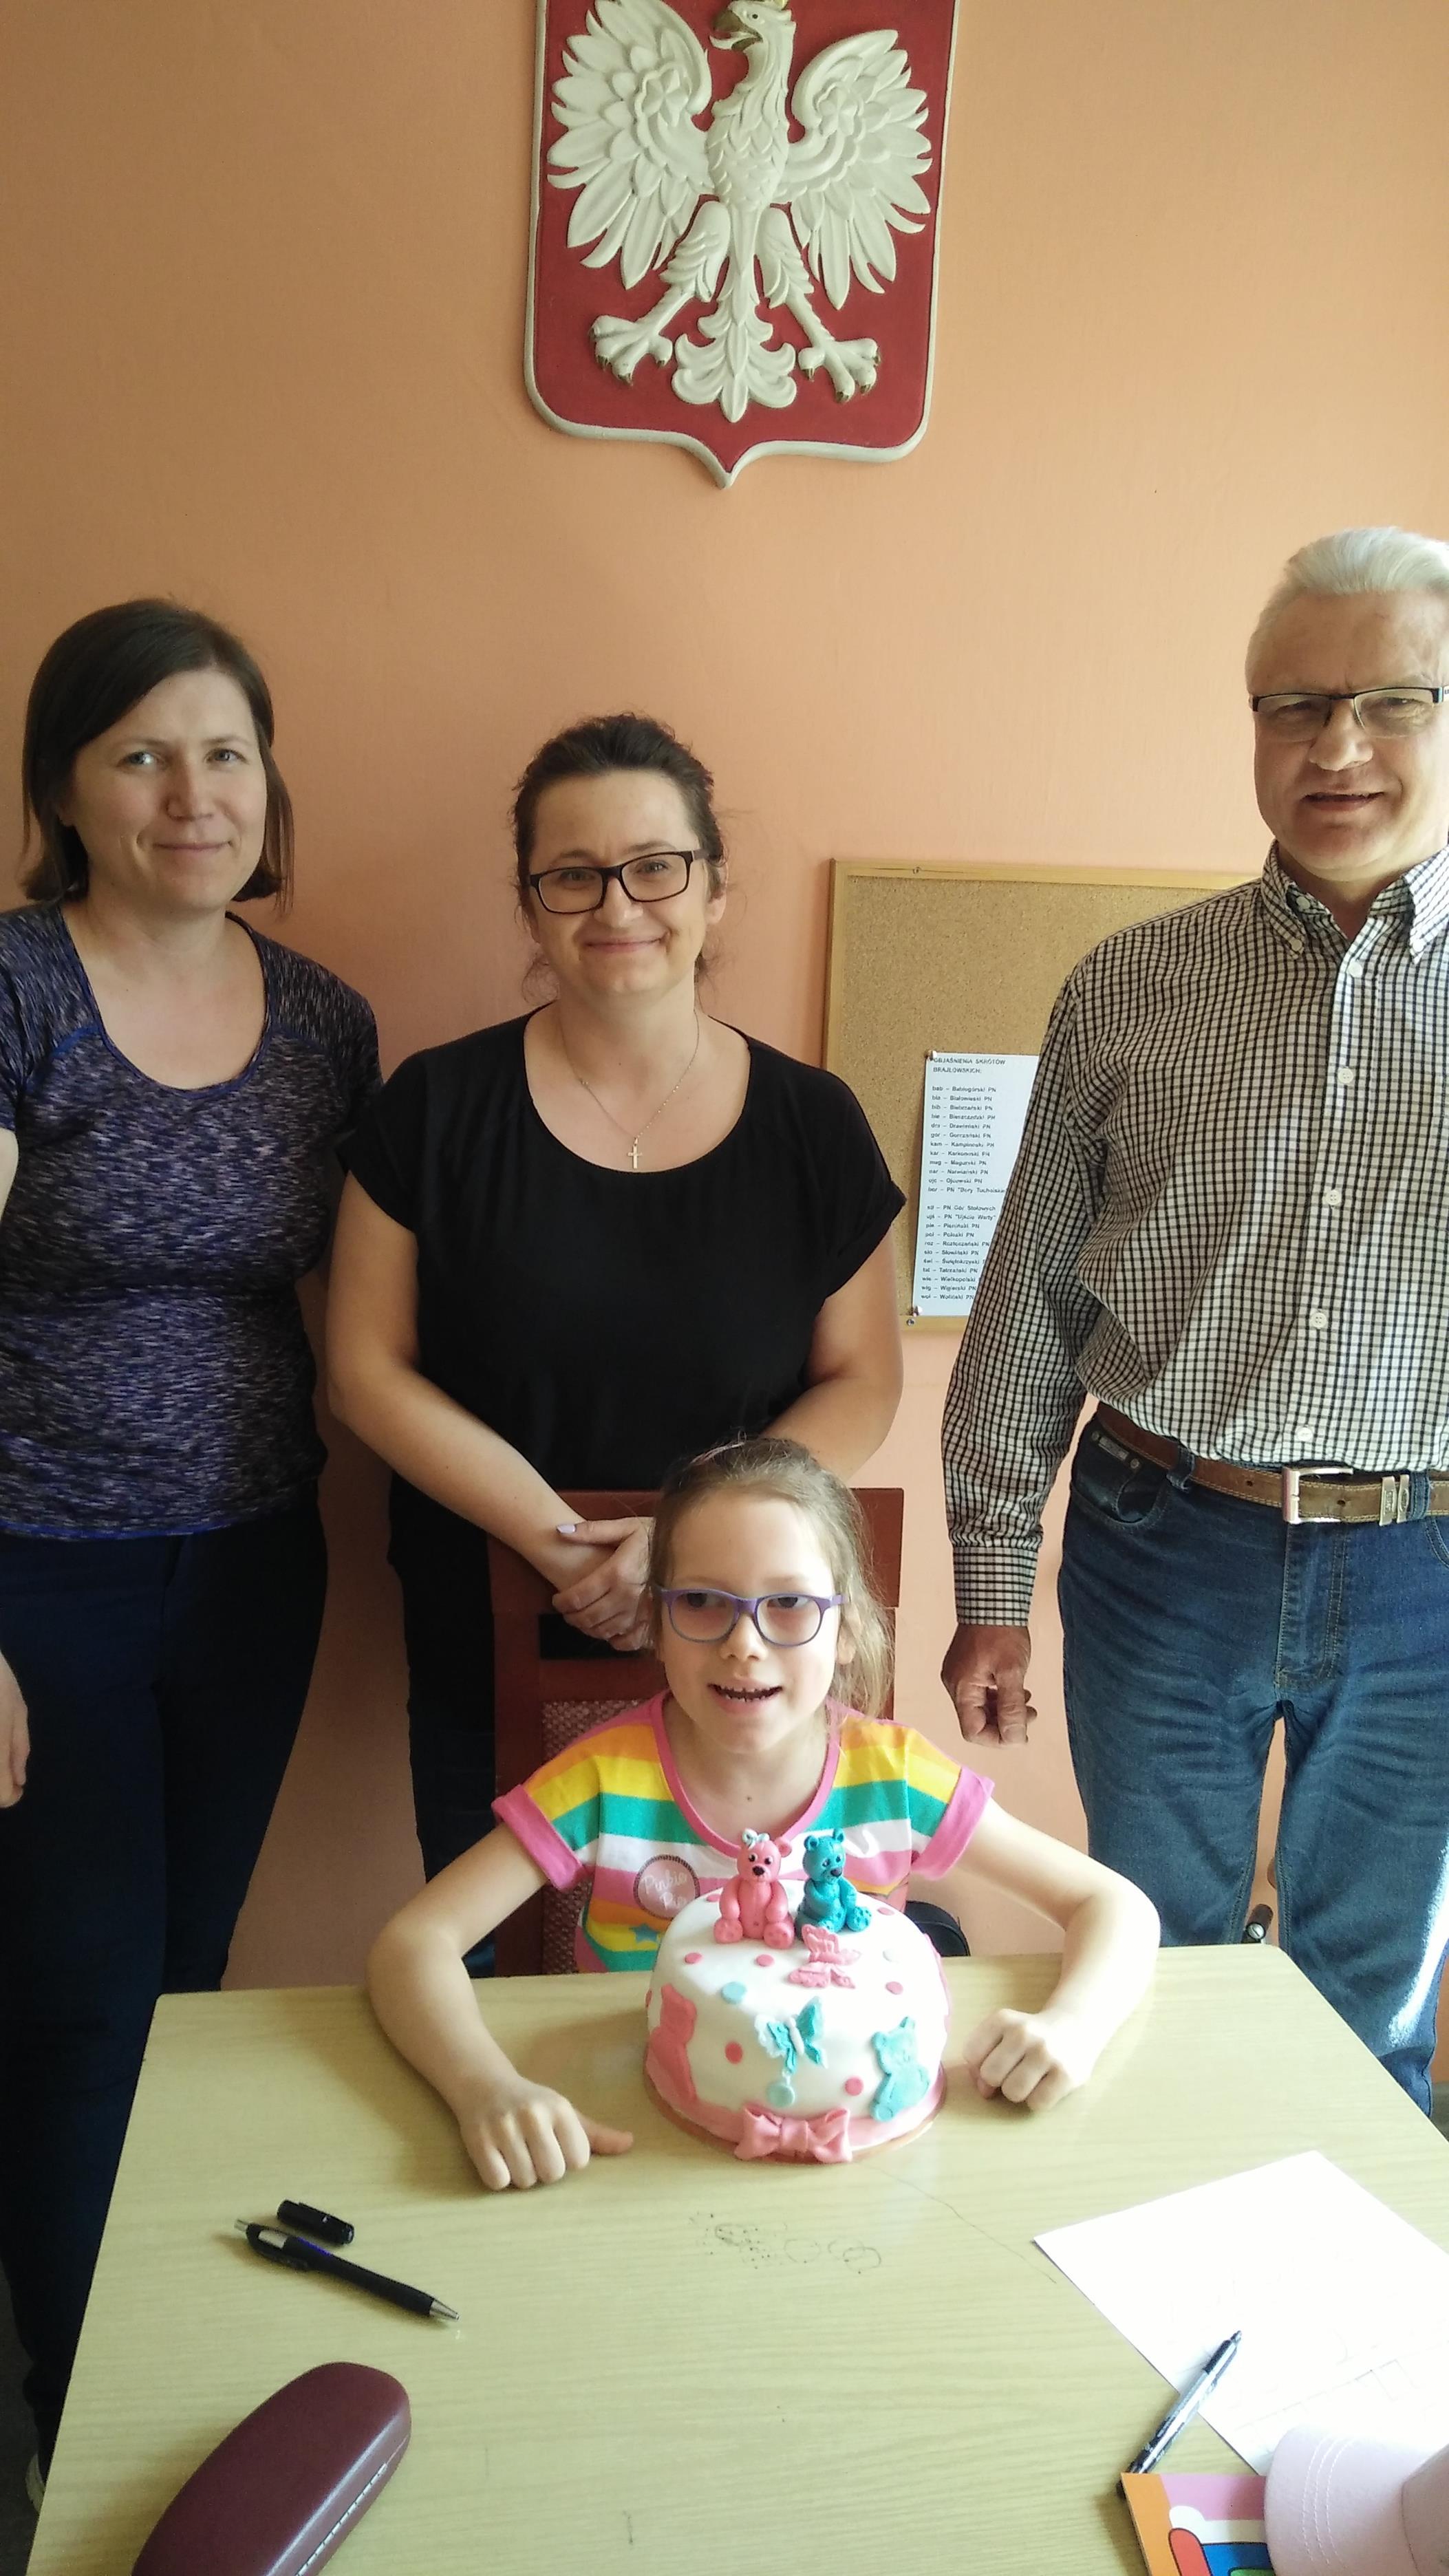 Hania z tortem za nią jej mama, gosia i dyrektor